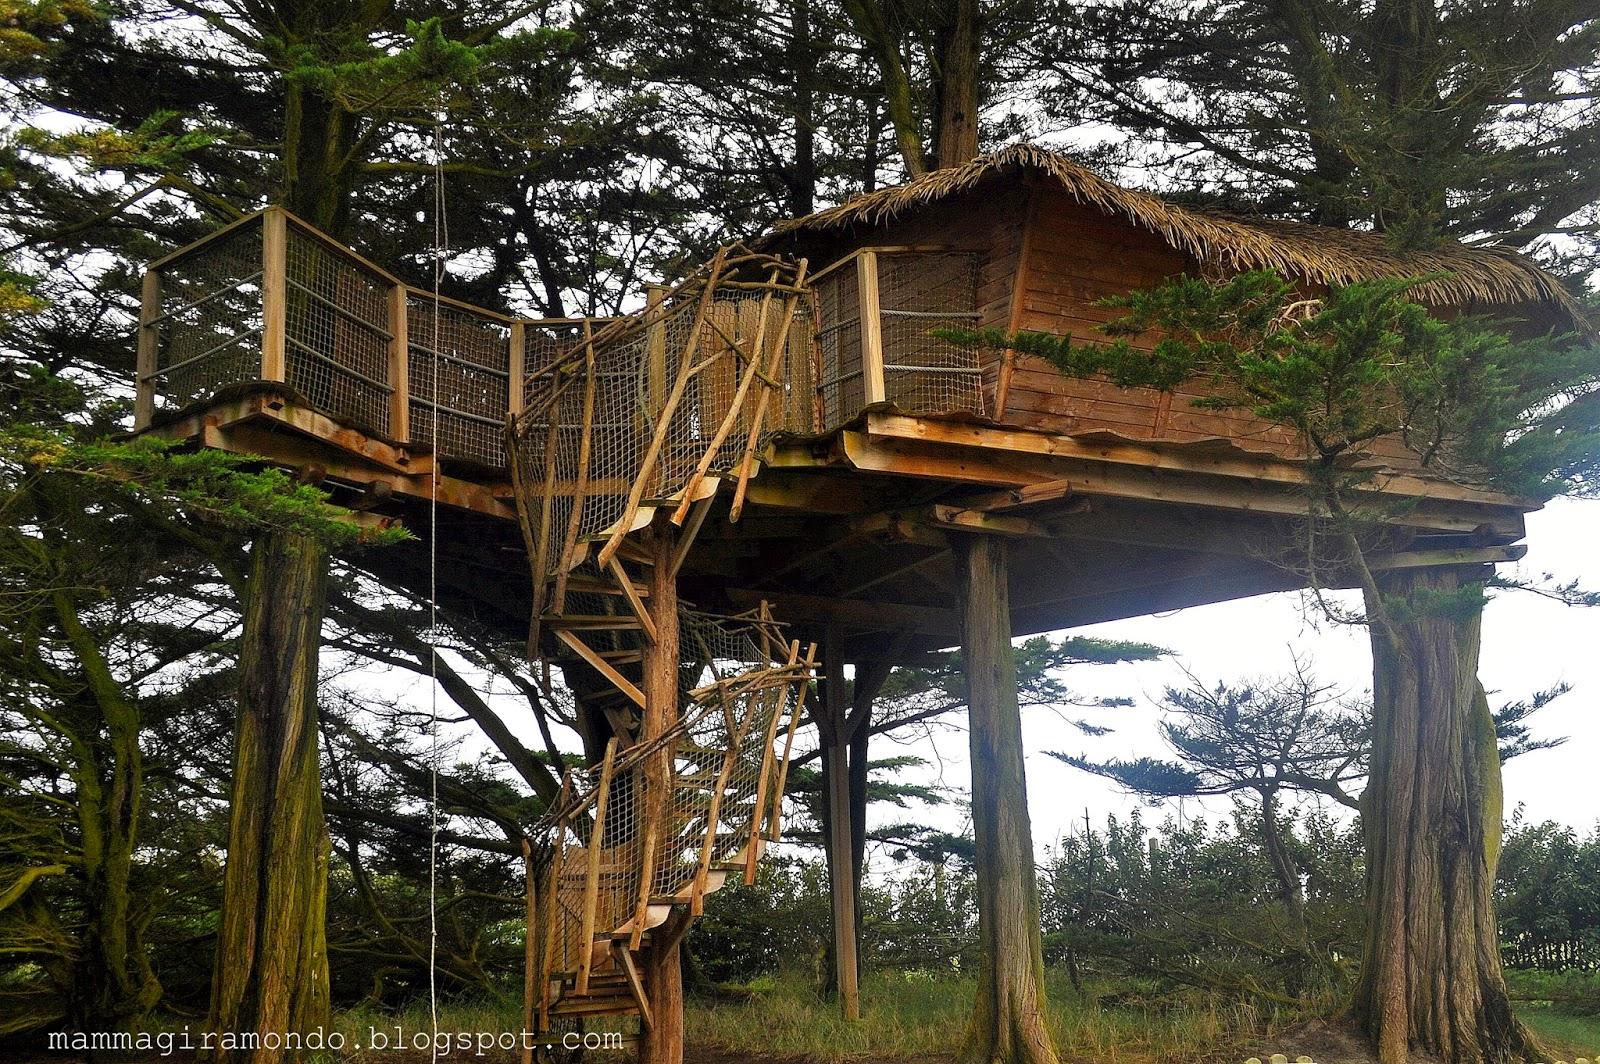 Dormire in una casa sull 39 albero in bretagna - Casa sull albero minecraft ...